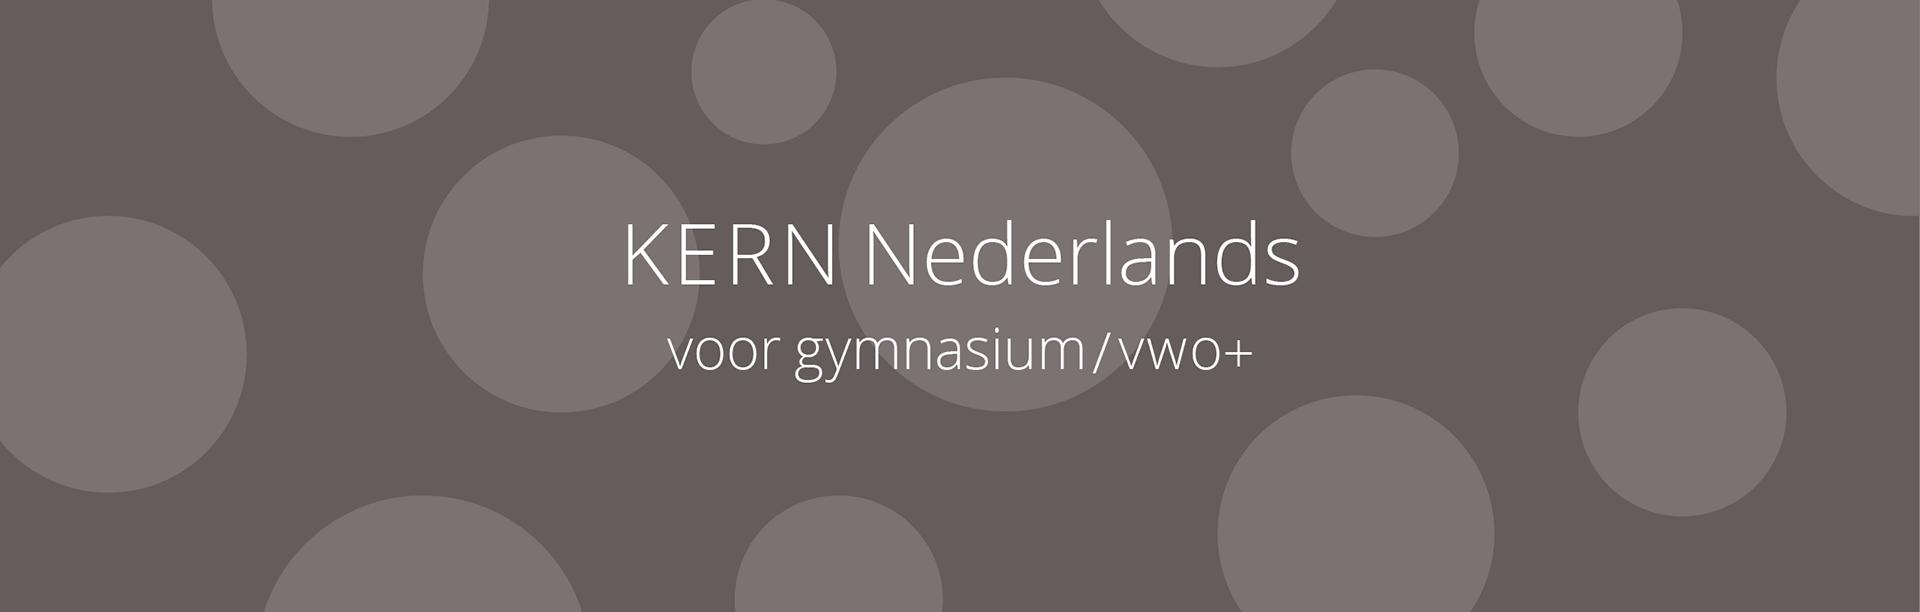 Lesmethode Nederlands gymnasium vwo+ | Bekijk nu KERN Nederlands